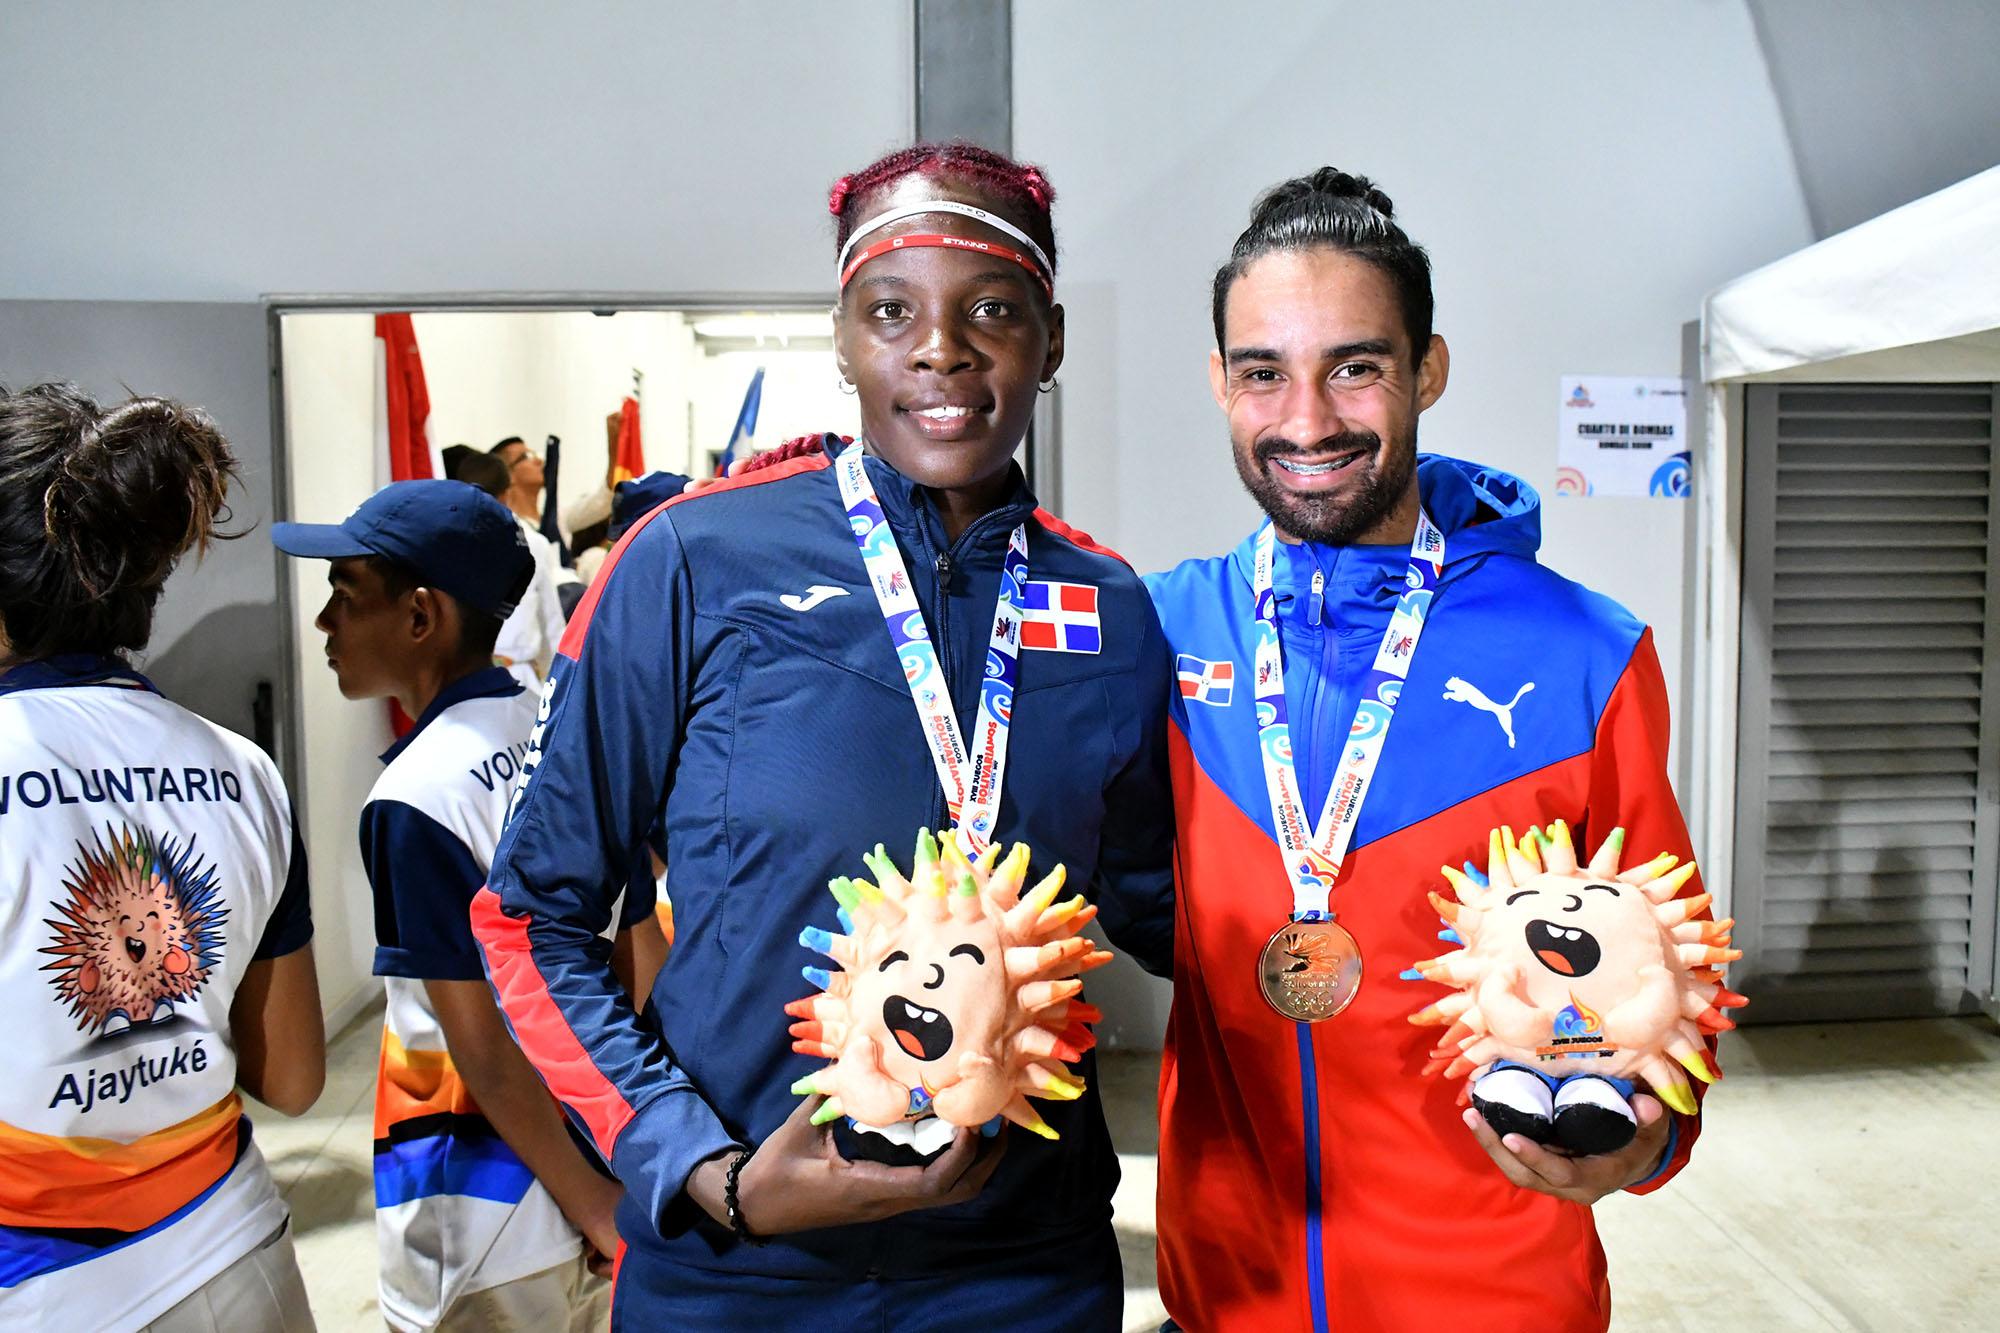 Luguelin y Tima brillan con oro en atletismo Bolivarianos